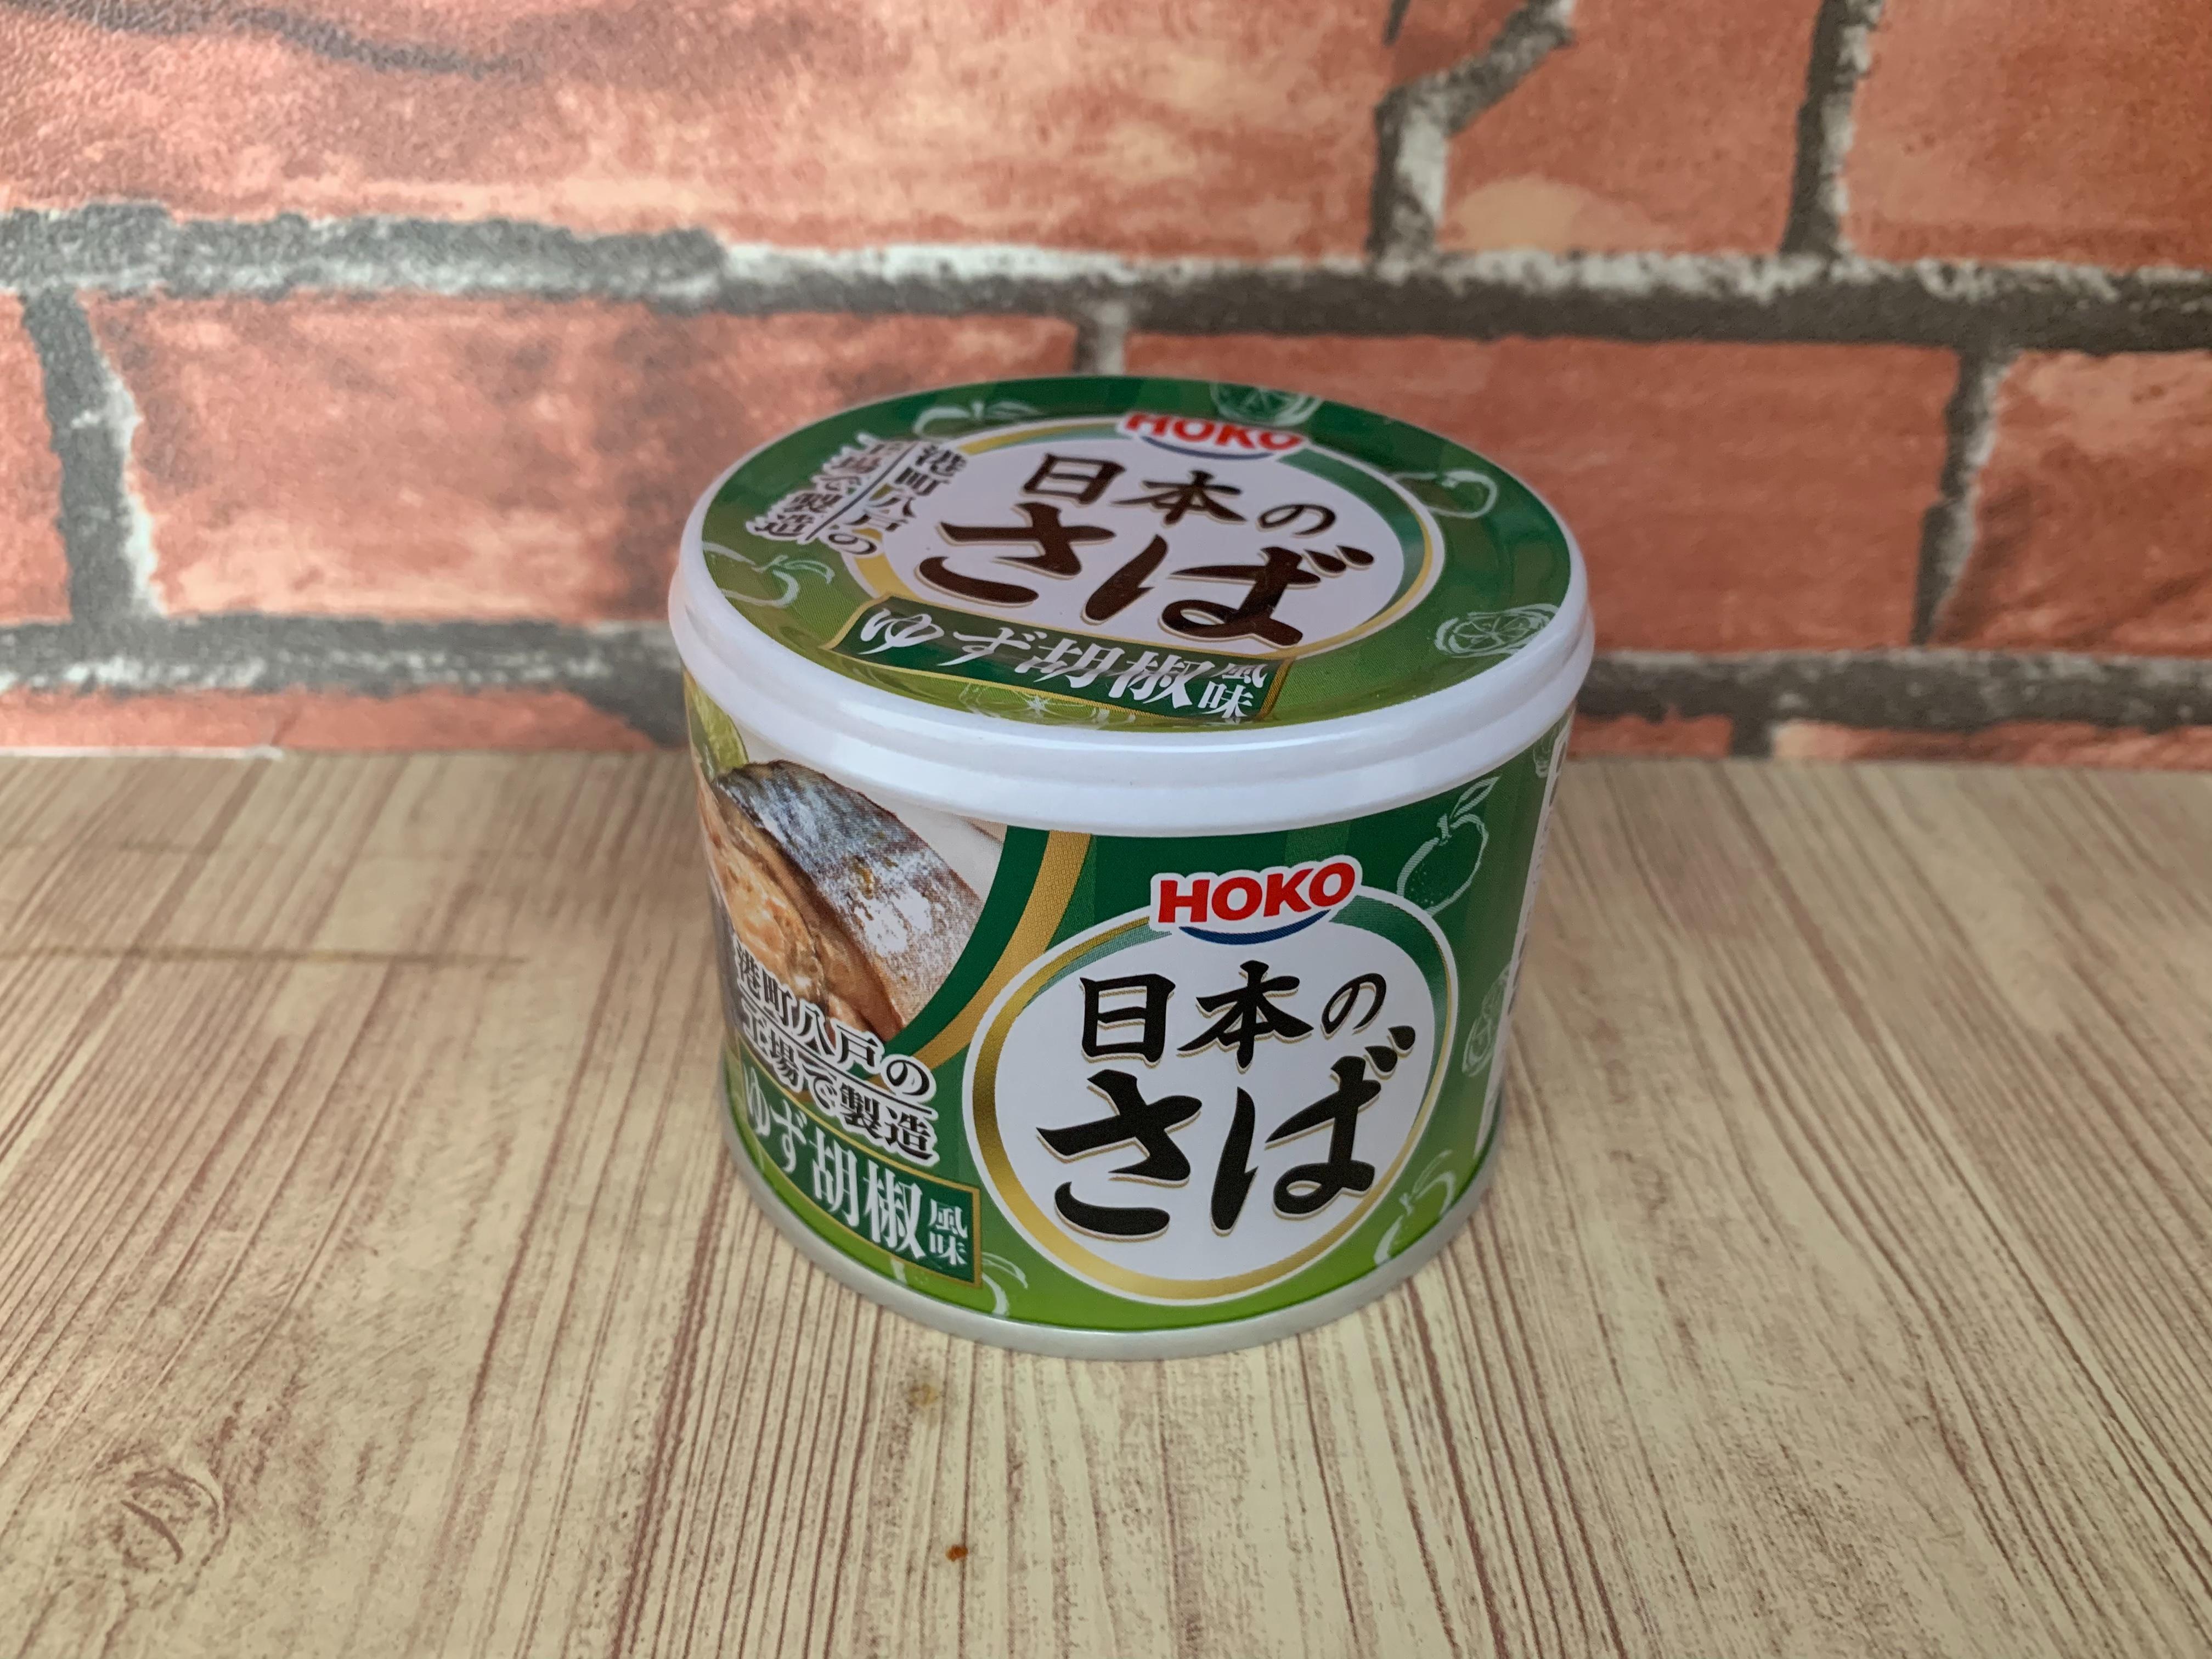 宝幸(HOKO)の定番鯖缶「日本のさば ゆず胡椒風味」を食レポしてみた。【5つ星評価、味】